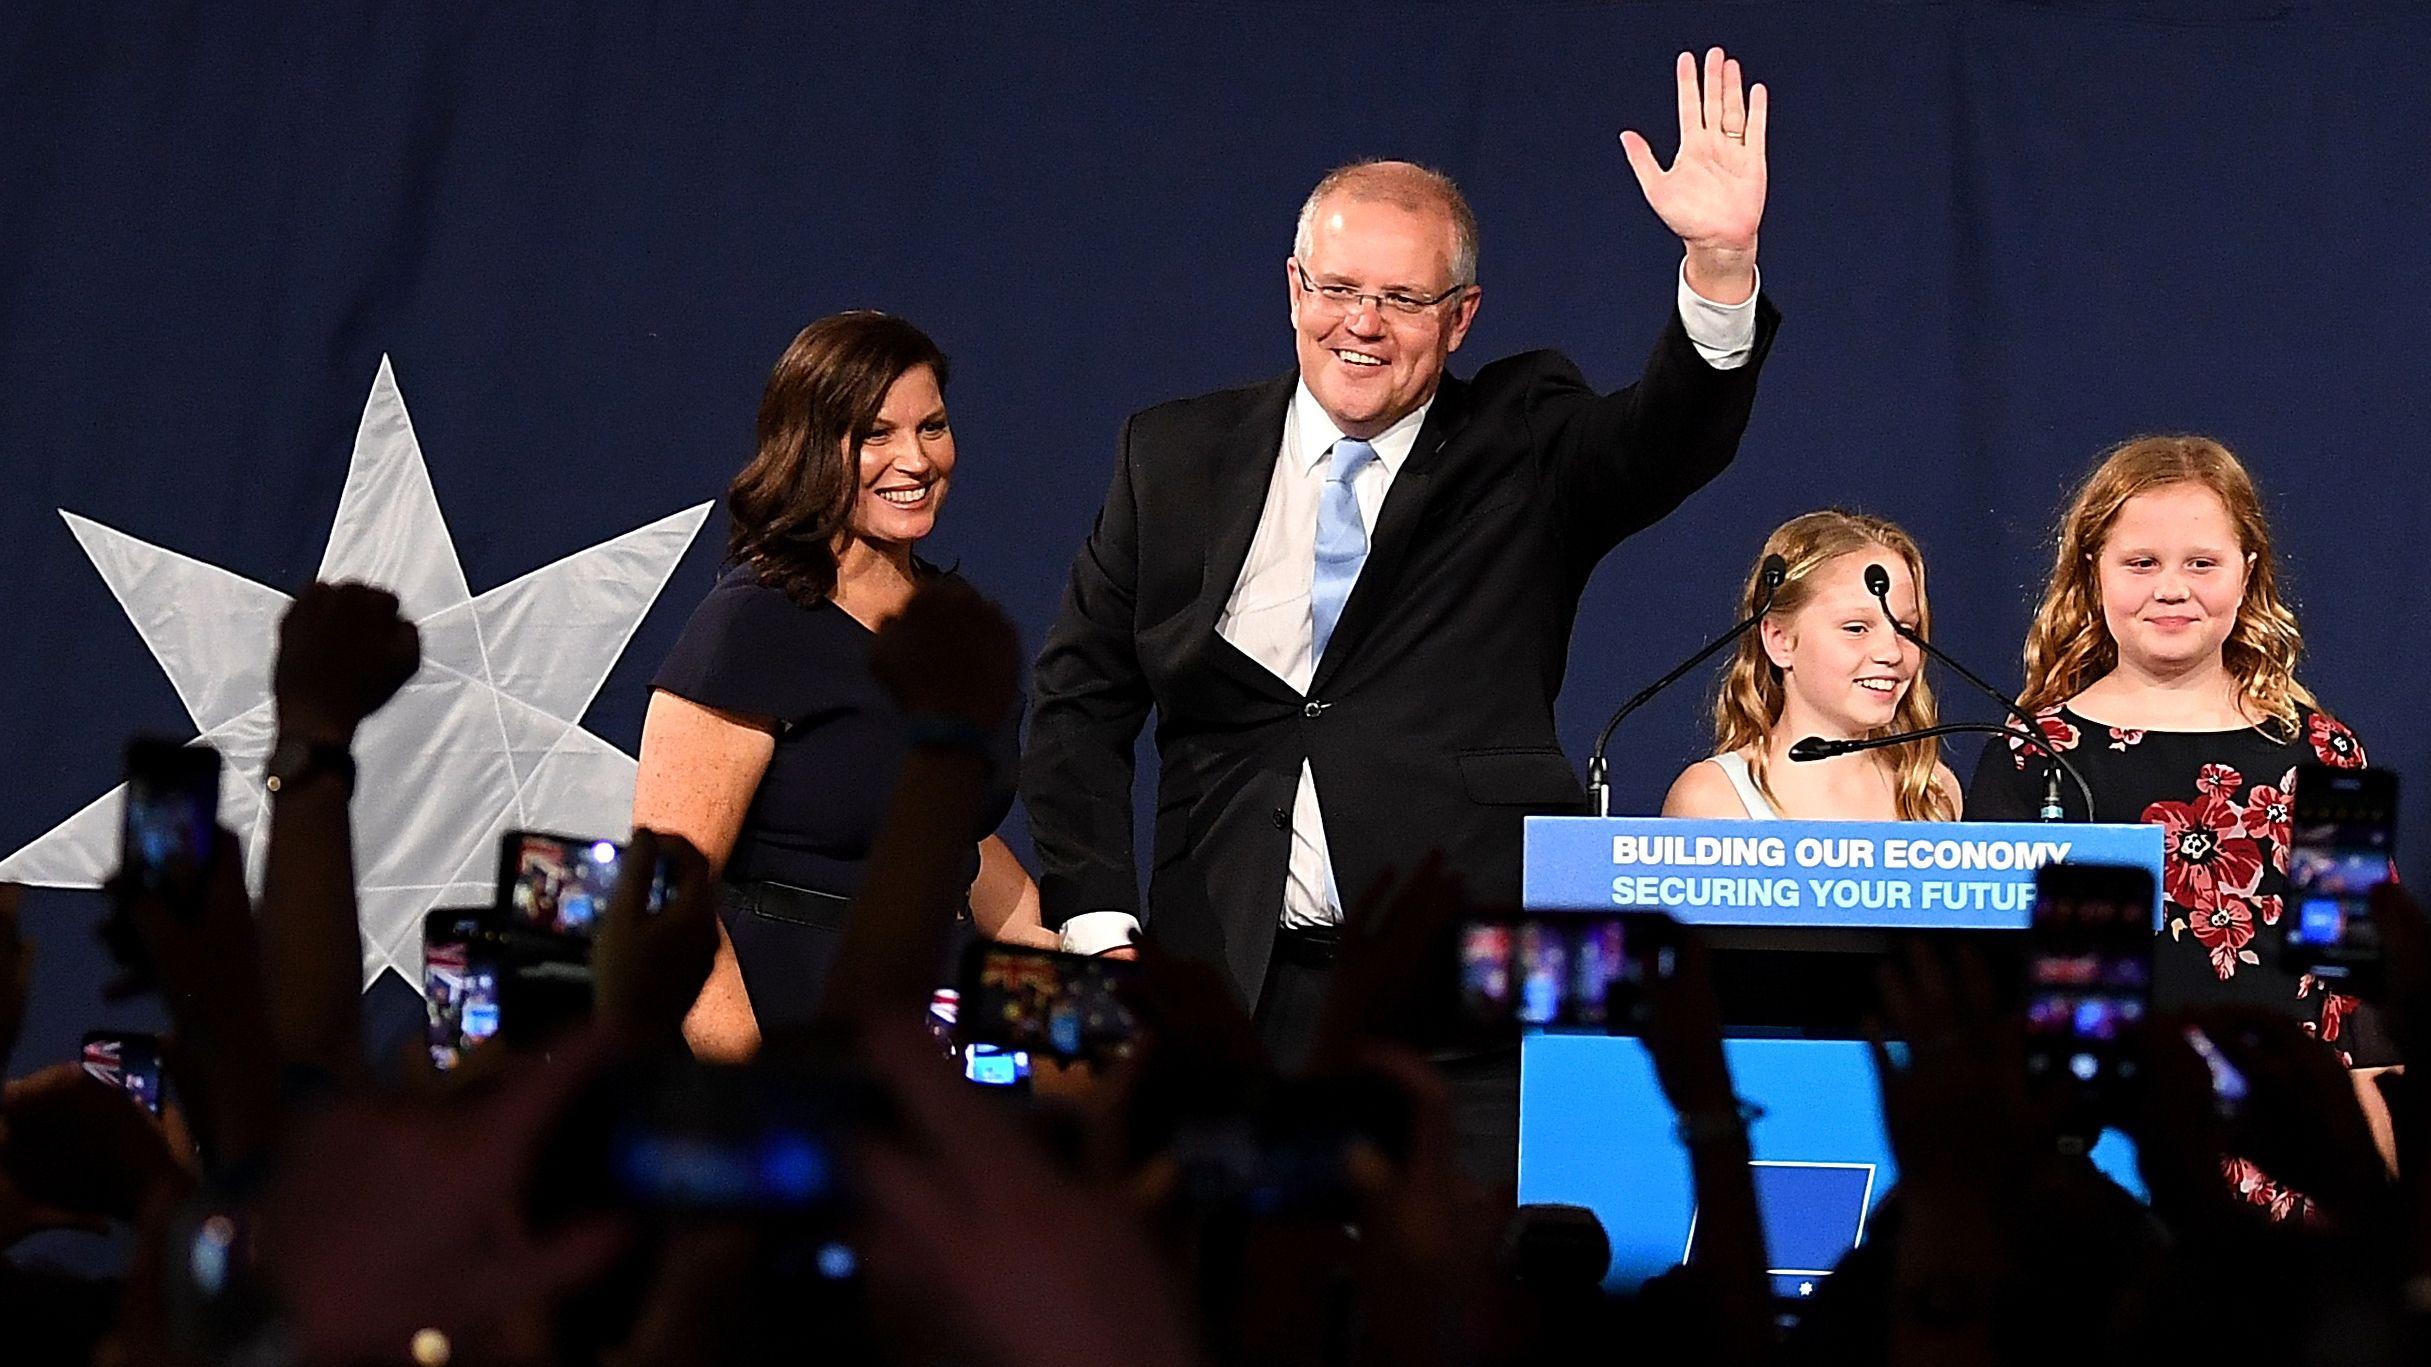 Scott Morrison Prime Minister 2019 Election.jpg